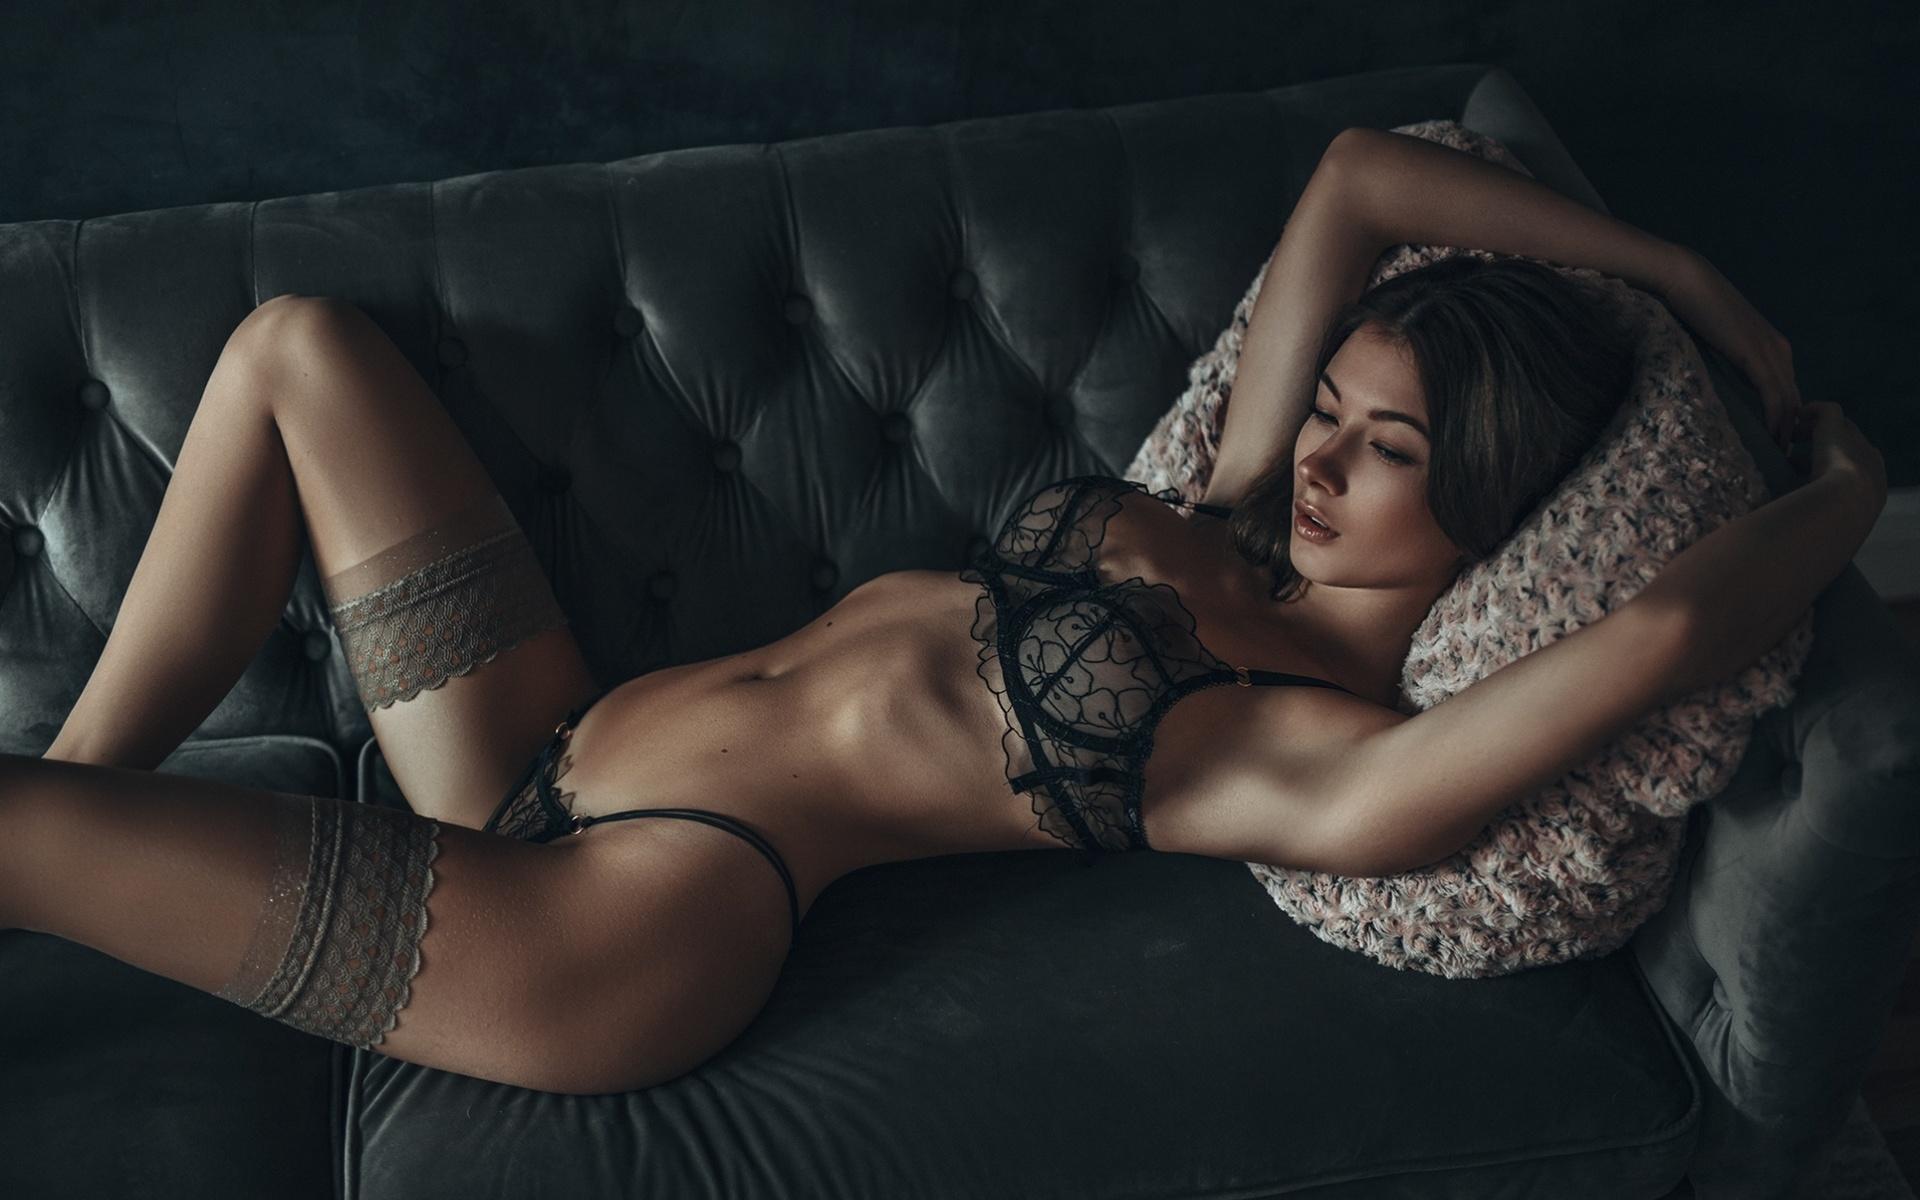 sophie d, девушка, лежит, диван